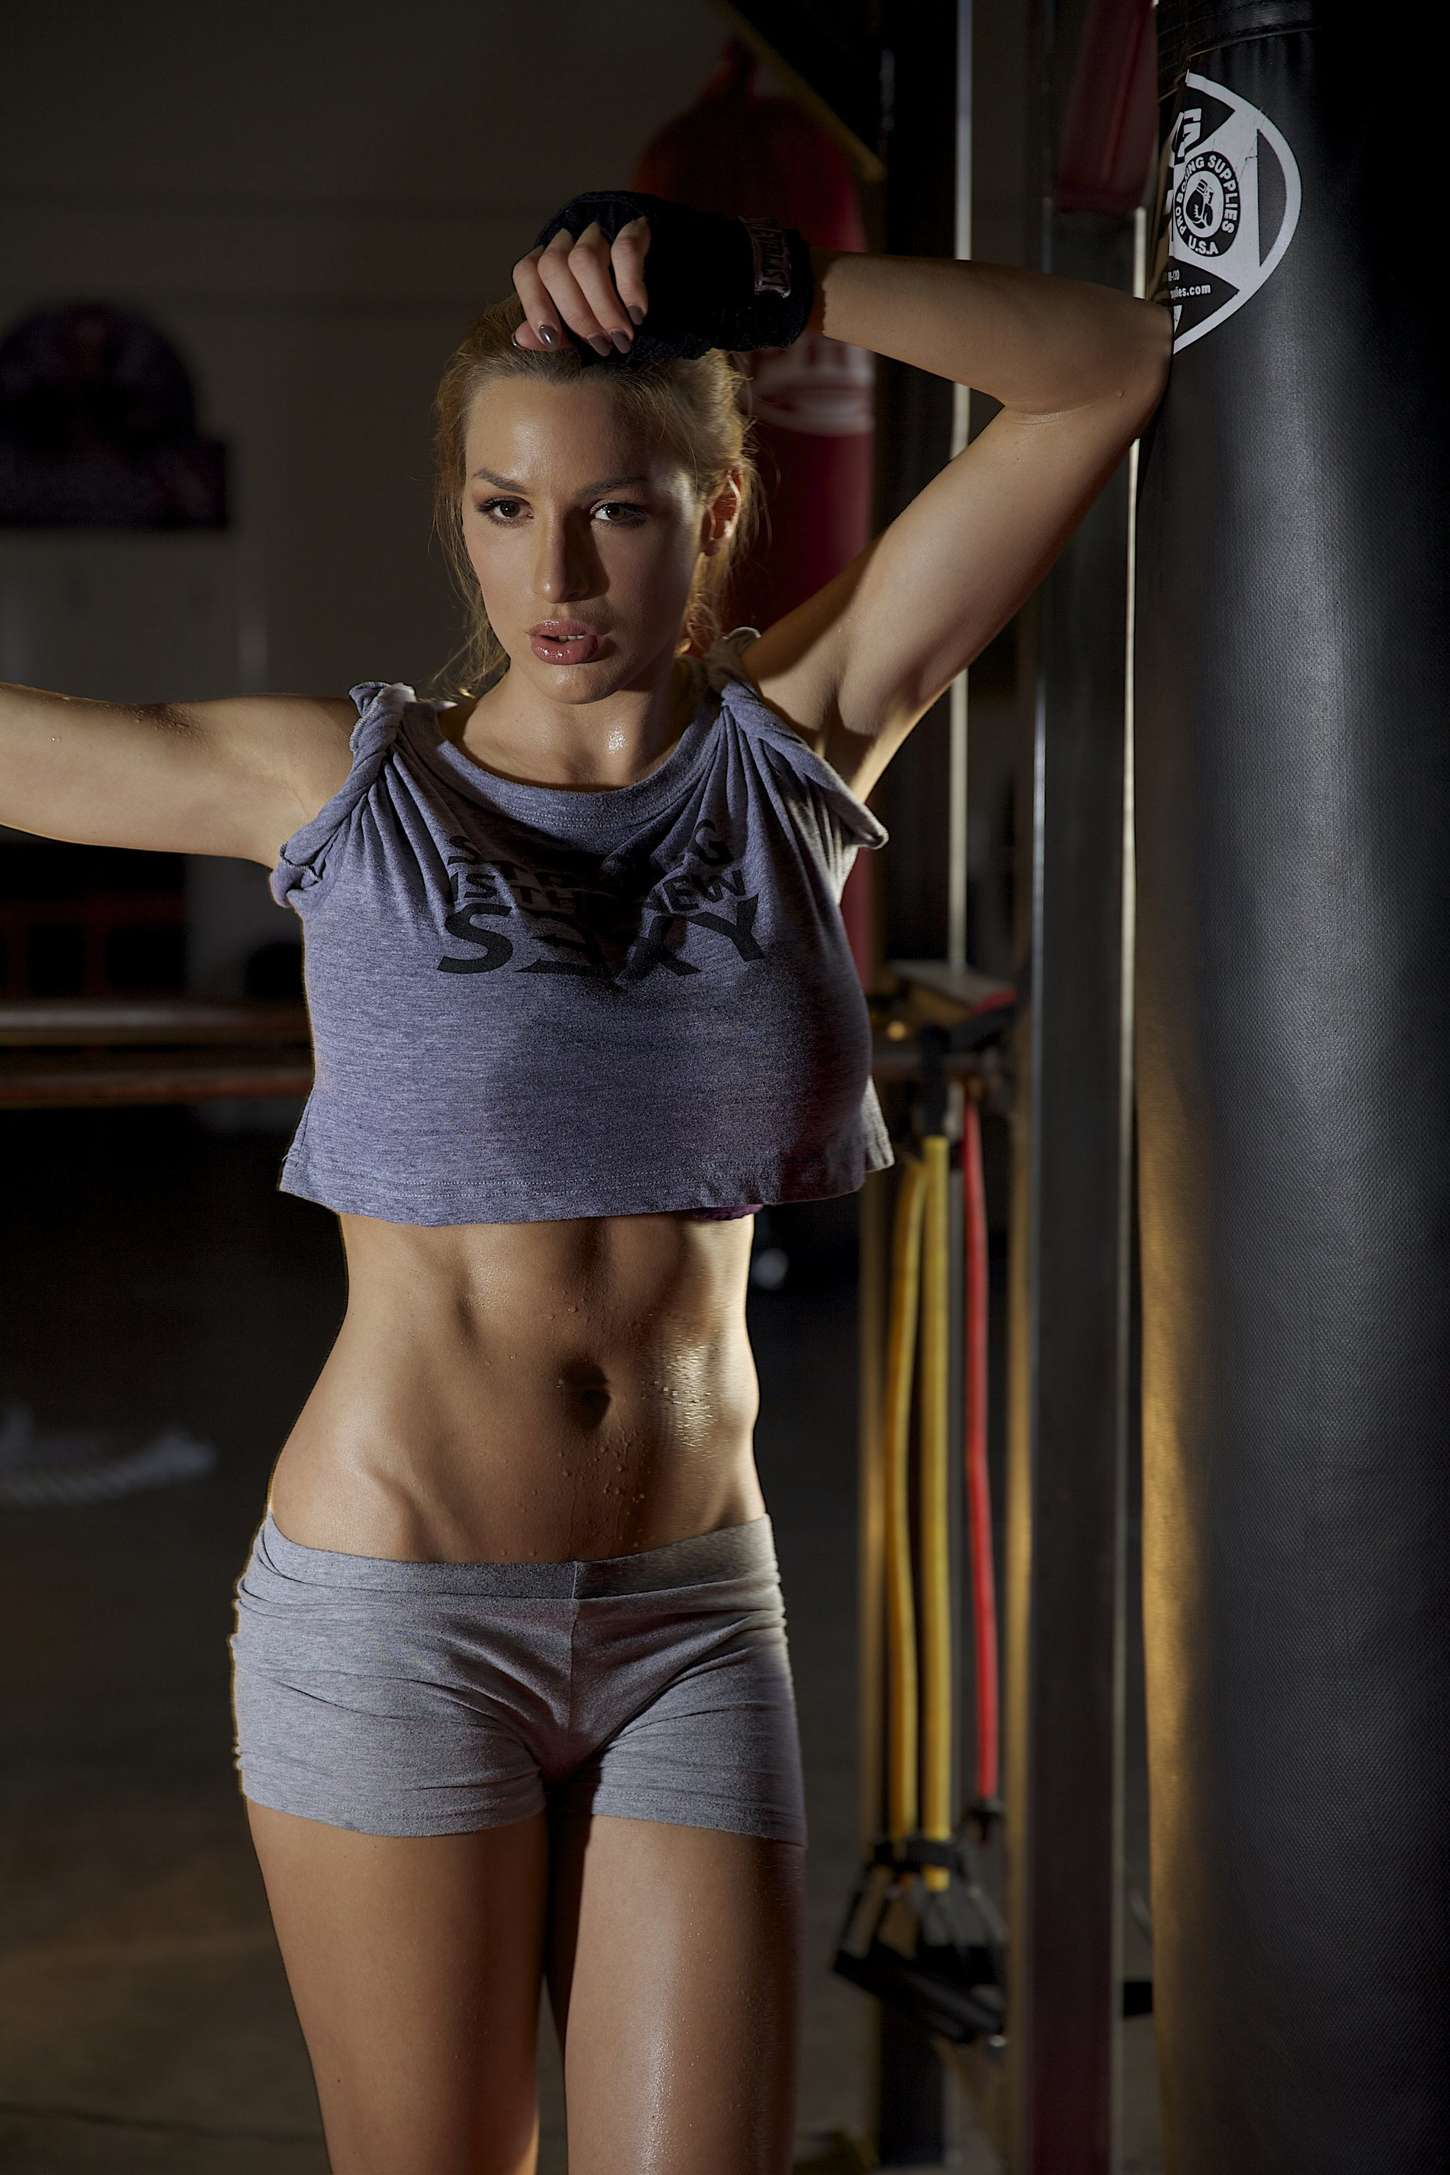 Girls Wallpaper Images Jordan Carver Prepares For Celebrity Boxing Match 09